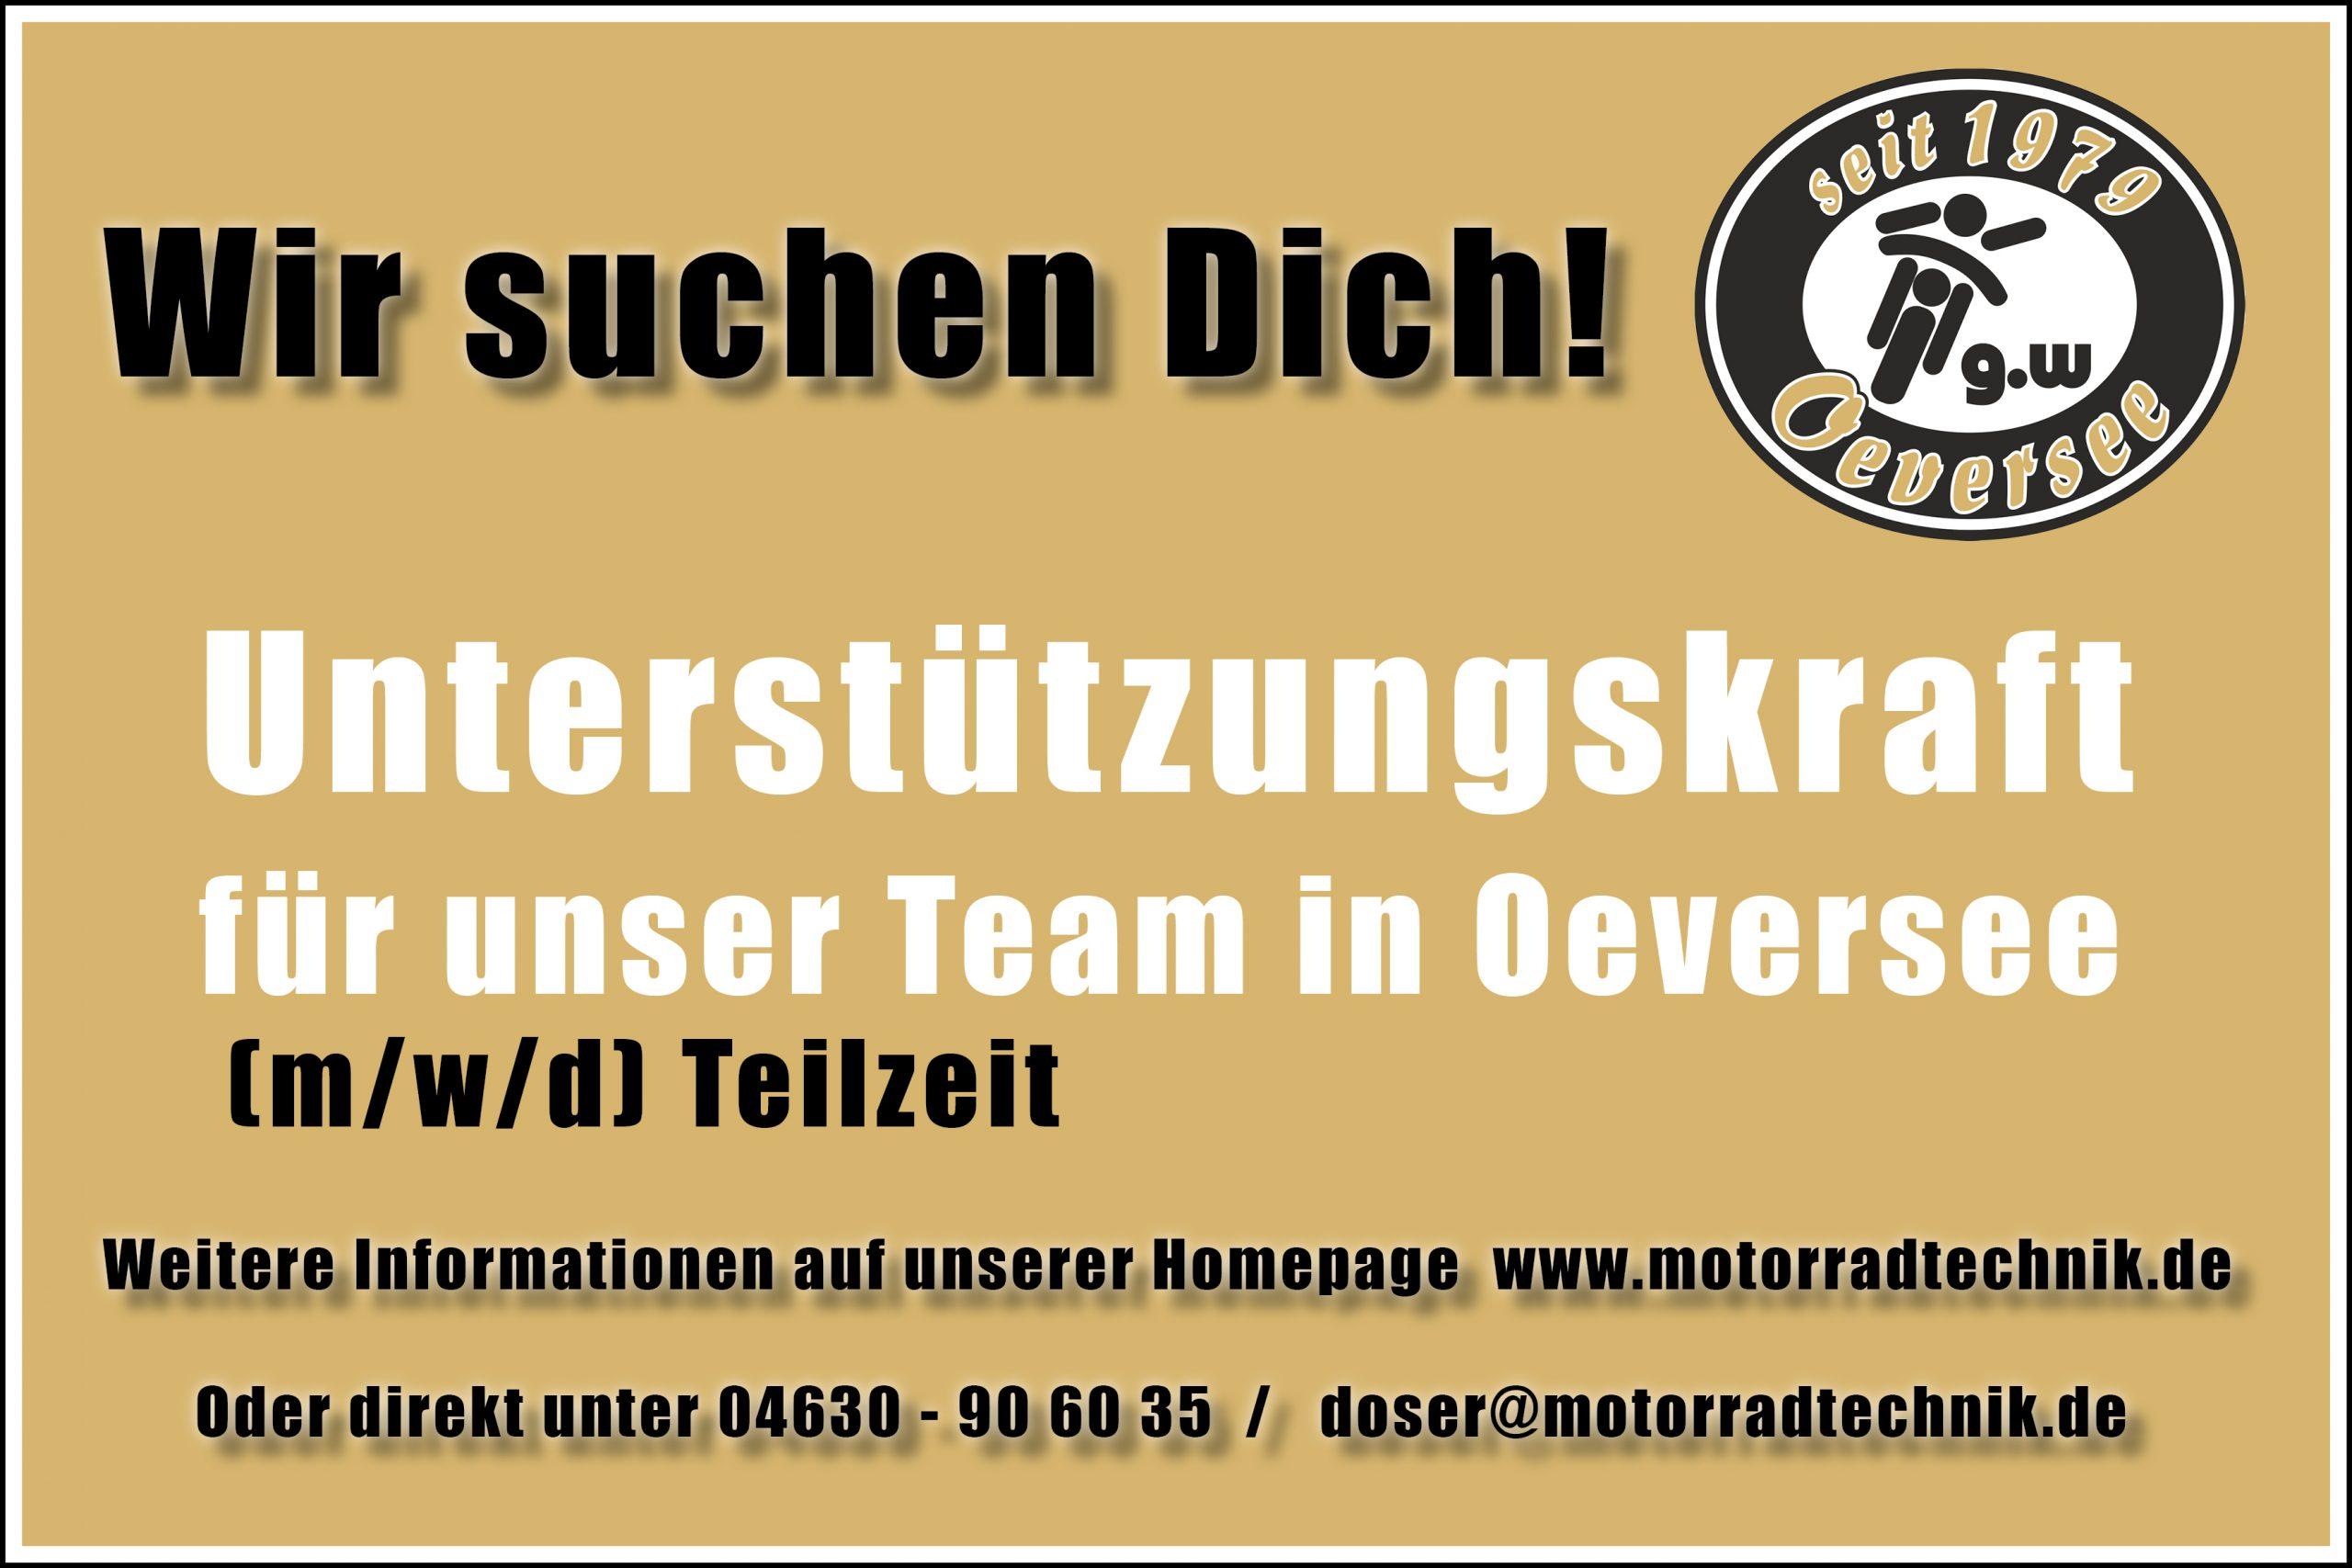 Unterstützungskraft für unser Team in Oeversee  –  Kaufmann/-frau – Büromanagement / Alternativberufe Automobilkaufmann/-frau